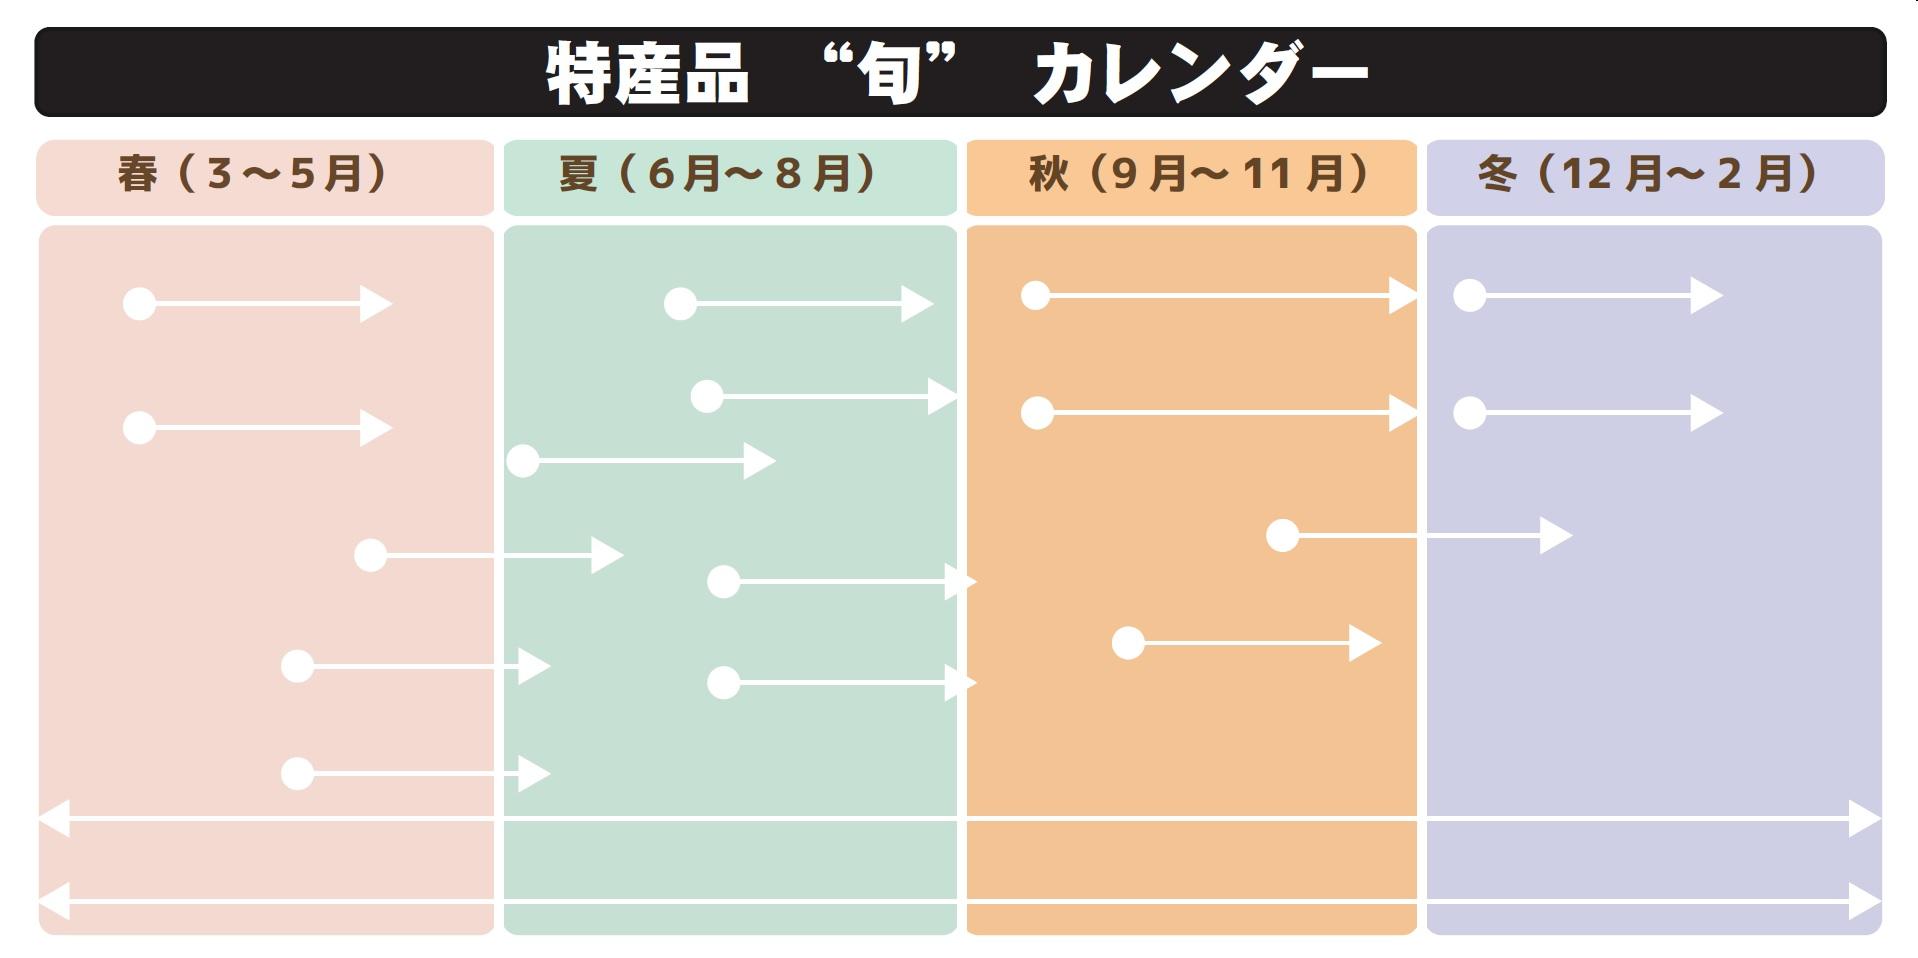 特産品カレンダー